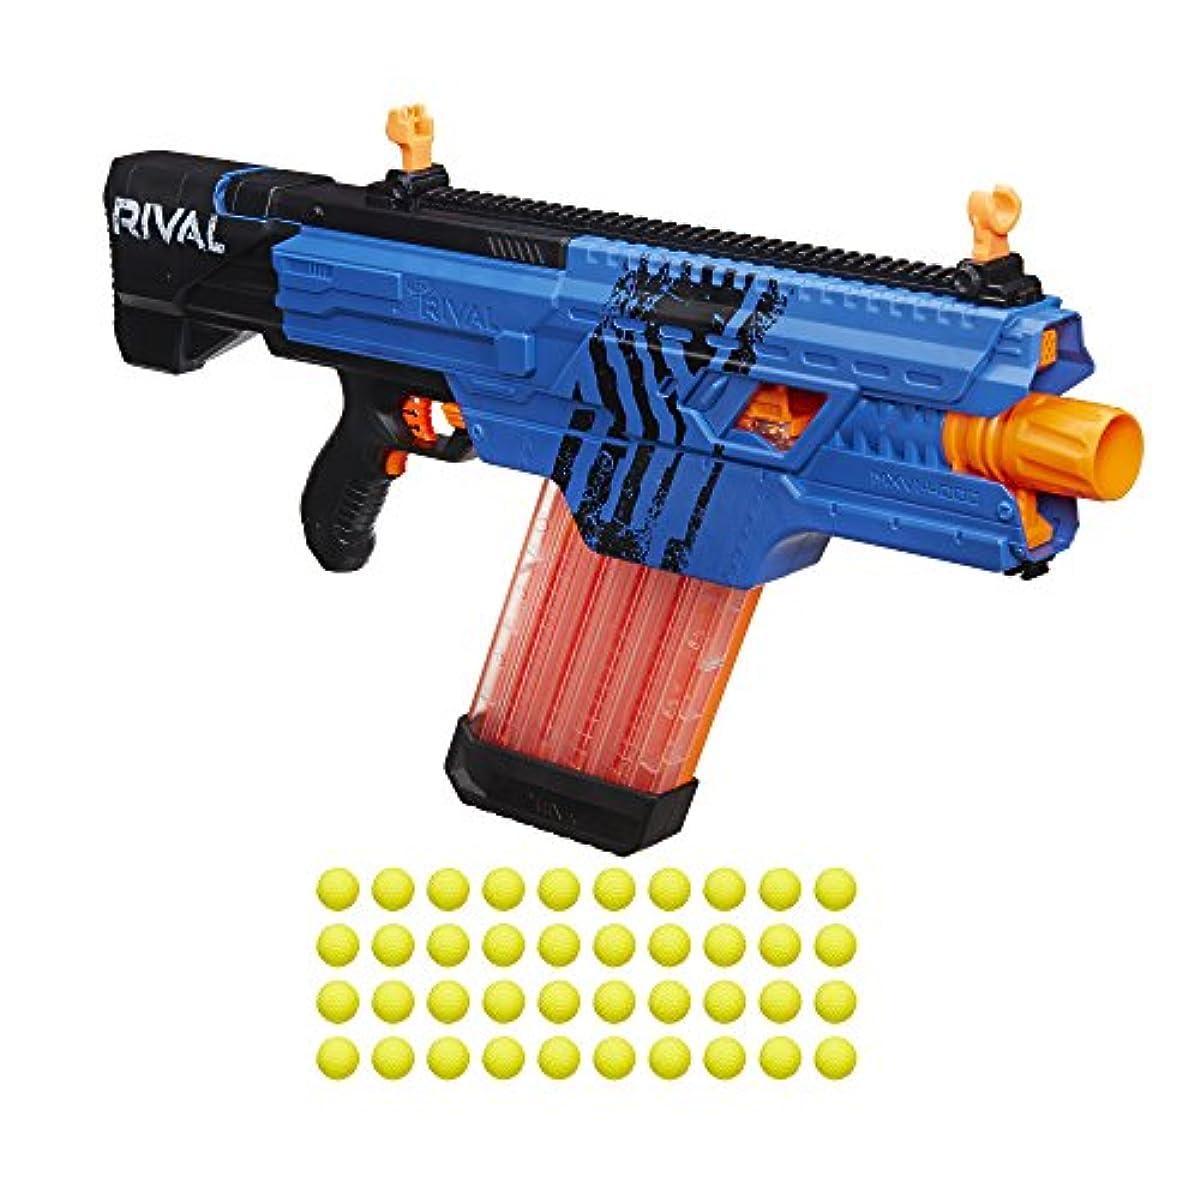 [너프건 라이벌 카오스 장난감총] Nerf Rival Khaos MXVI-4000 Blaster (Blue)